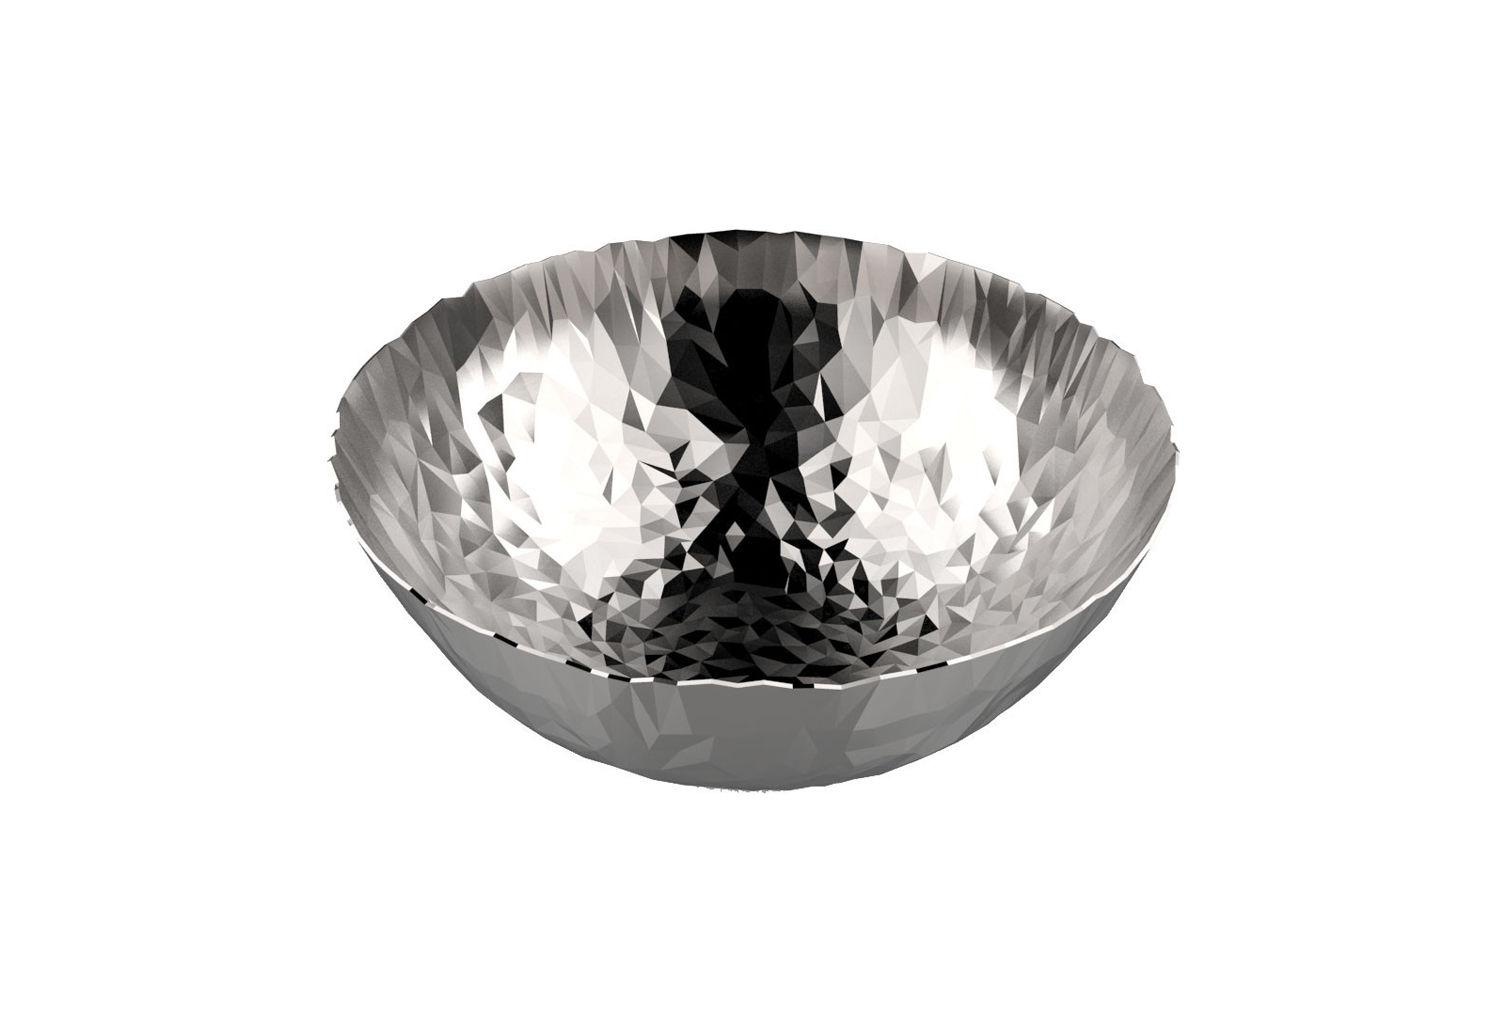 Tischkultur - Körbe, Fruchtkörbe und Tischgestecke - Joy N.1 Korb / Ø 20,7 cm - Alessi - Stahl - Acier inoxydable 18/10